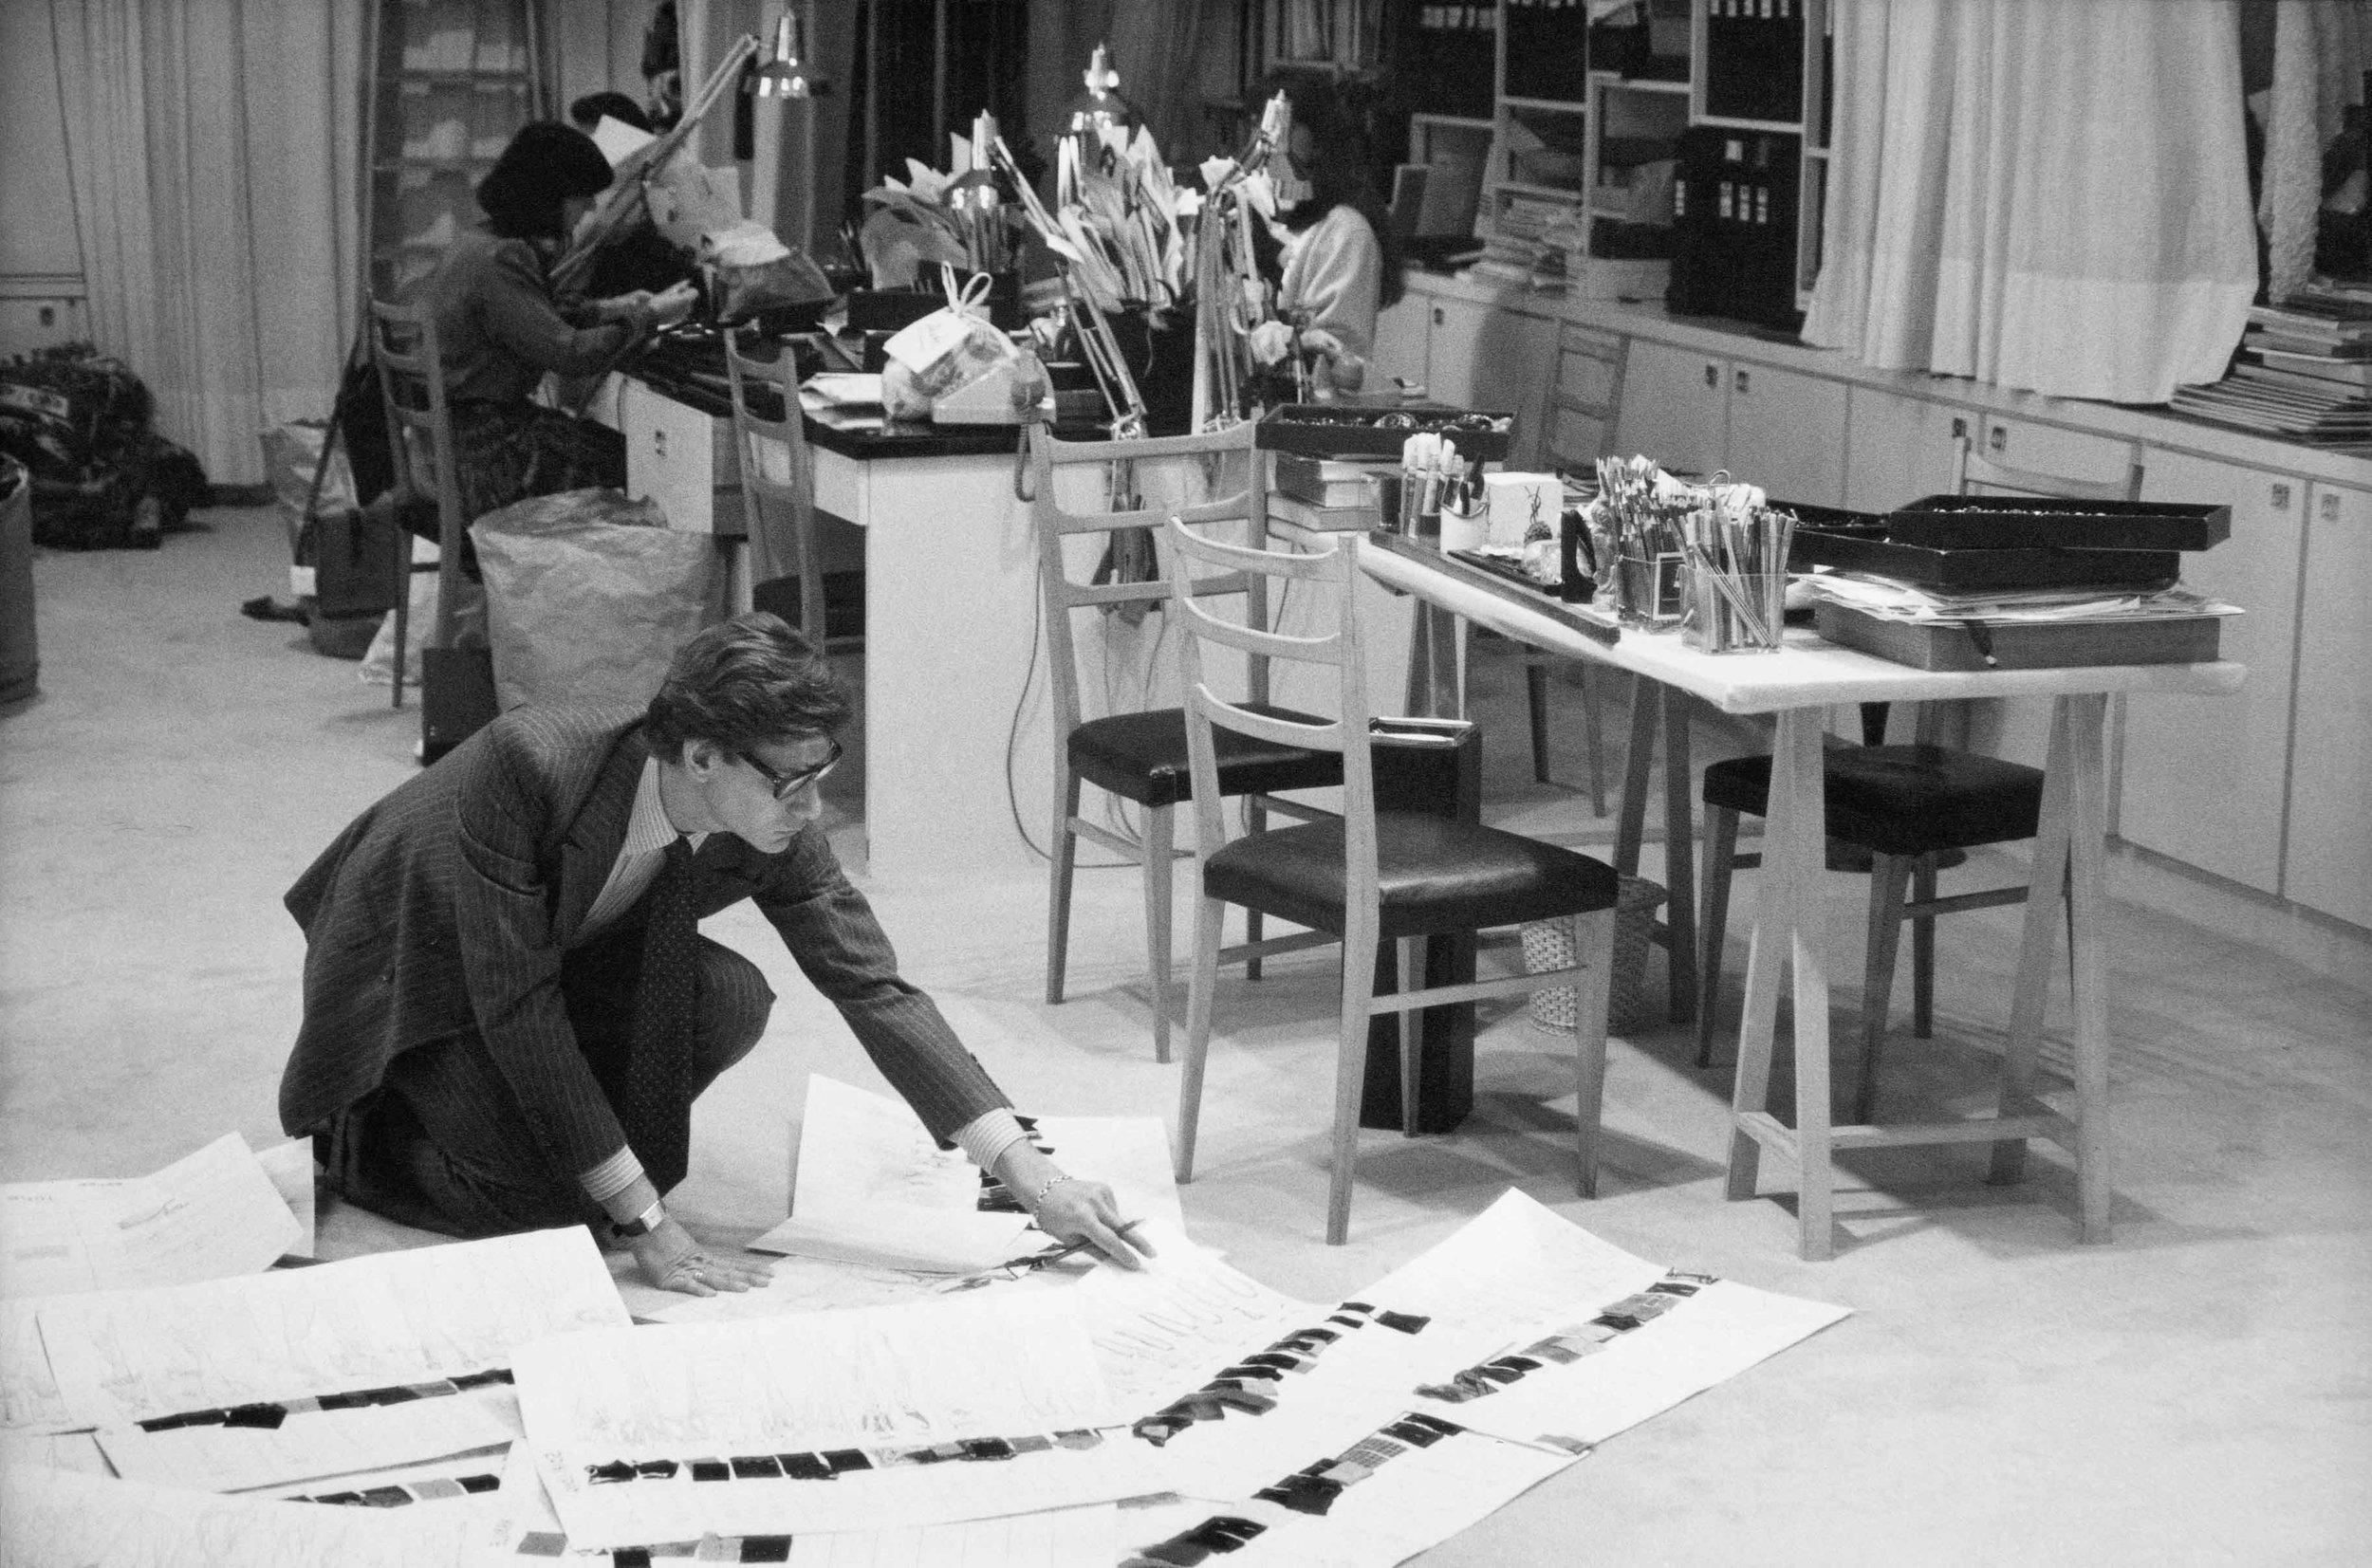 Credit: Yves Saint Laurent dans son studio, 1986 | ©DR